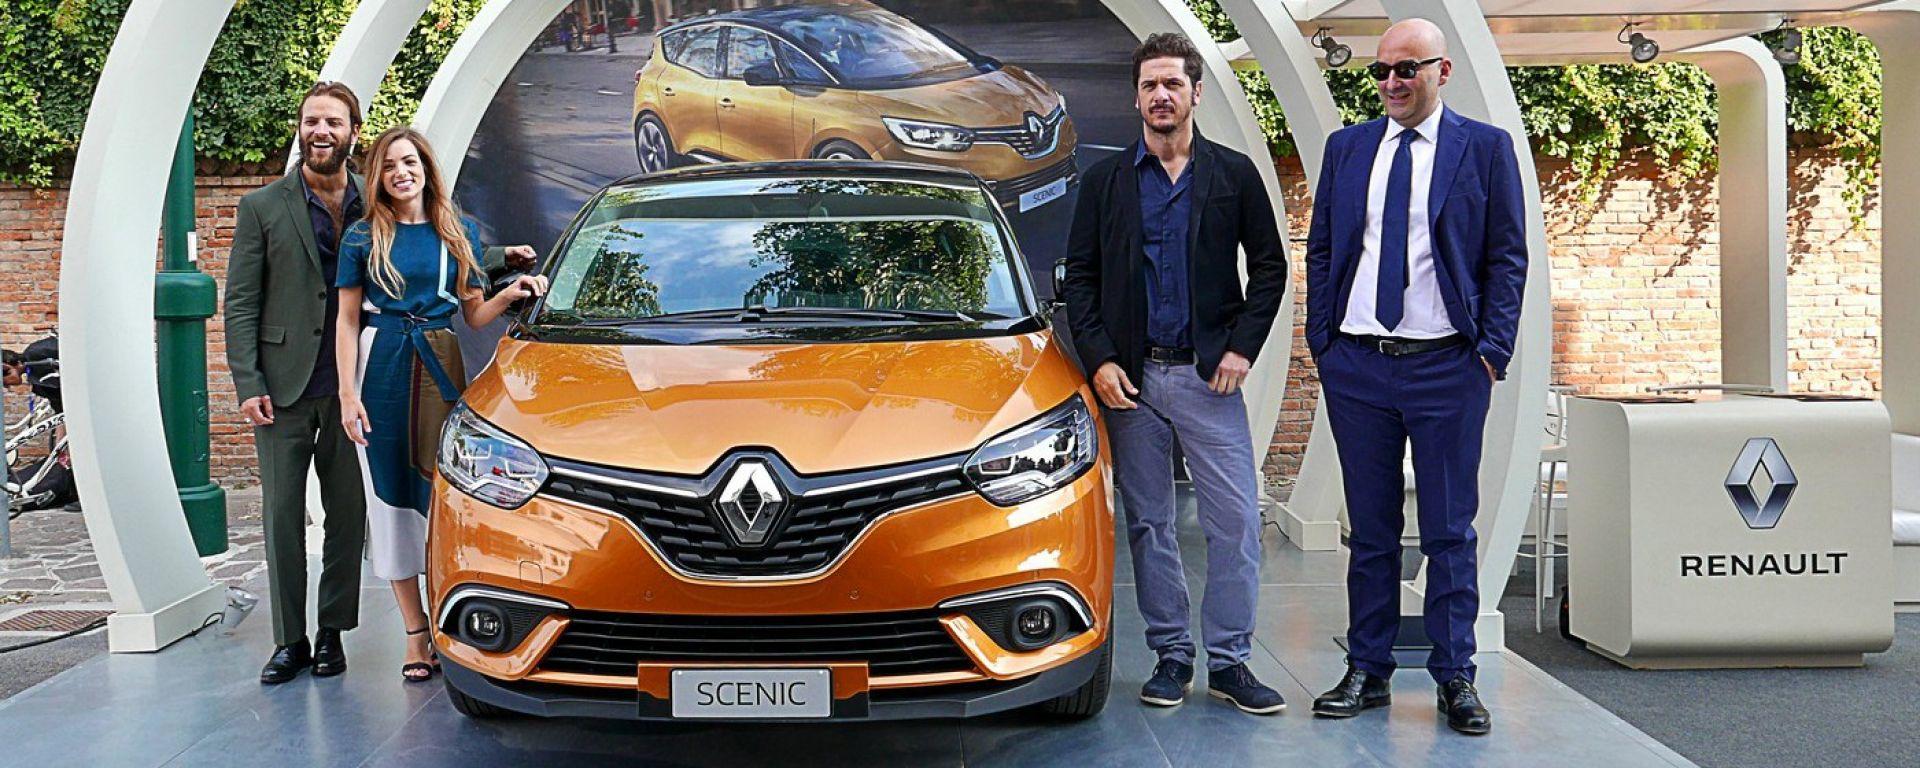 Renault Scénic al Festival del Cinema di Venezia 2016